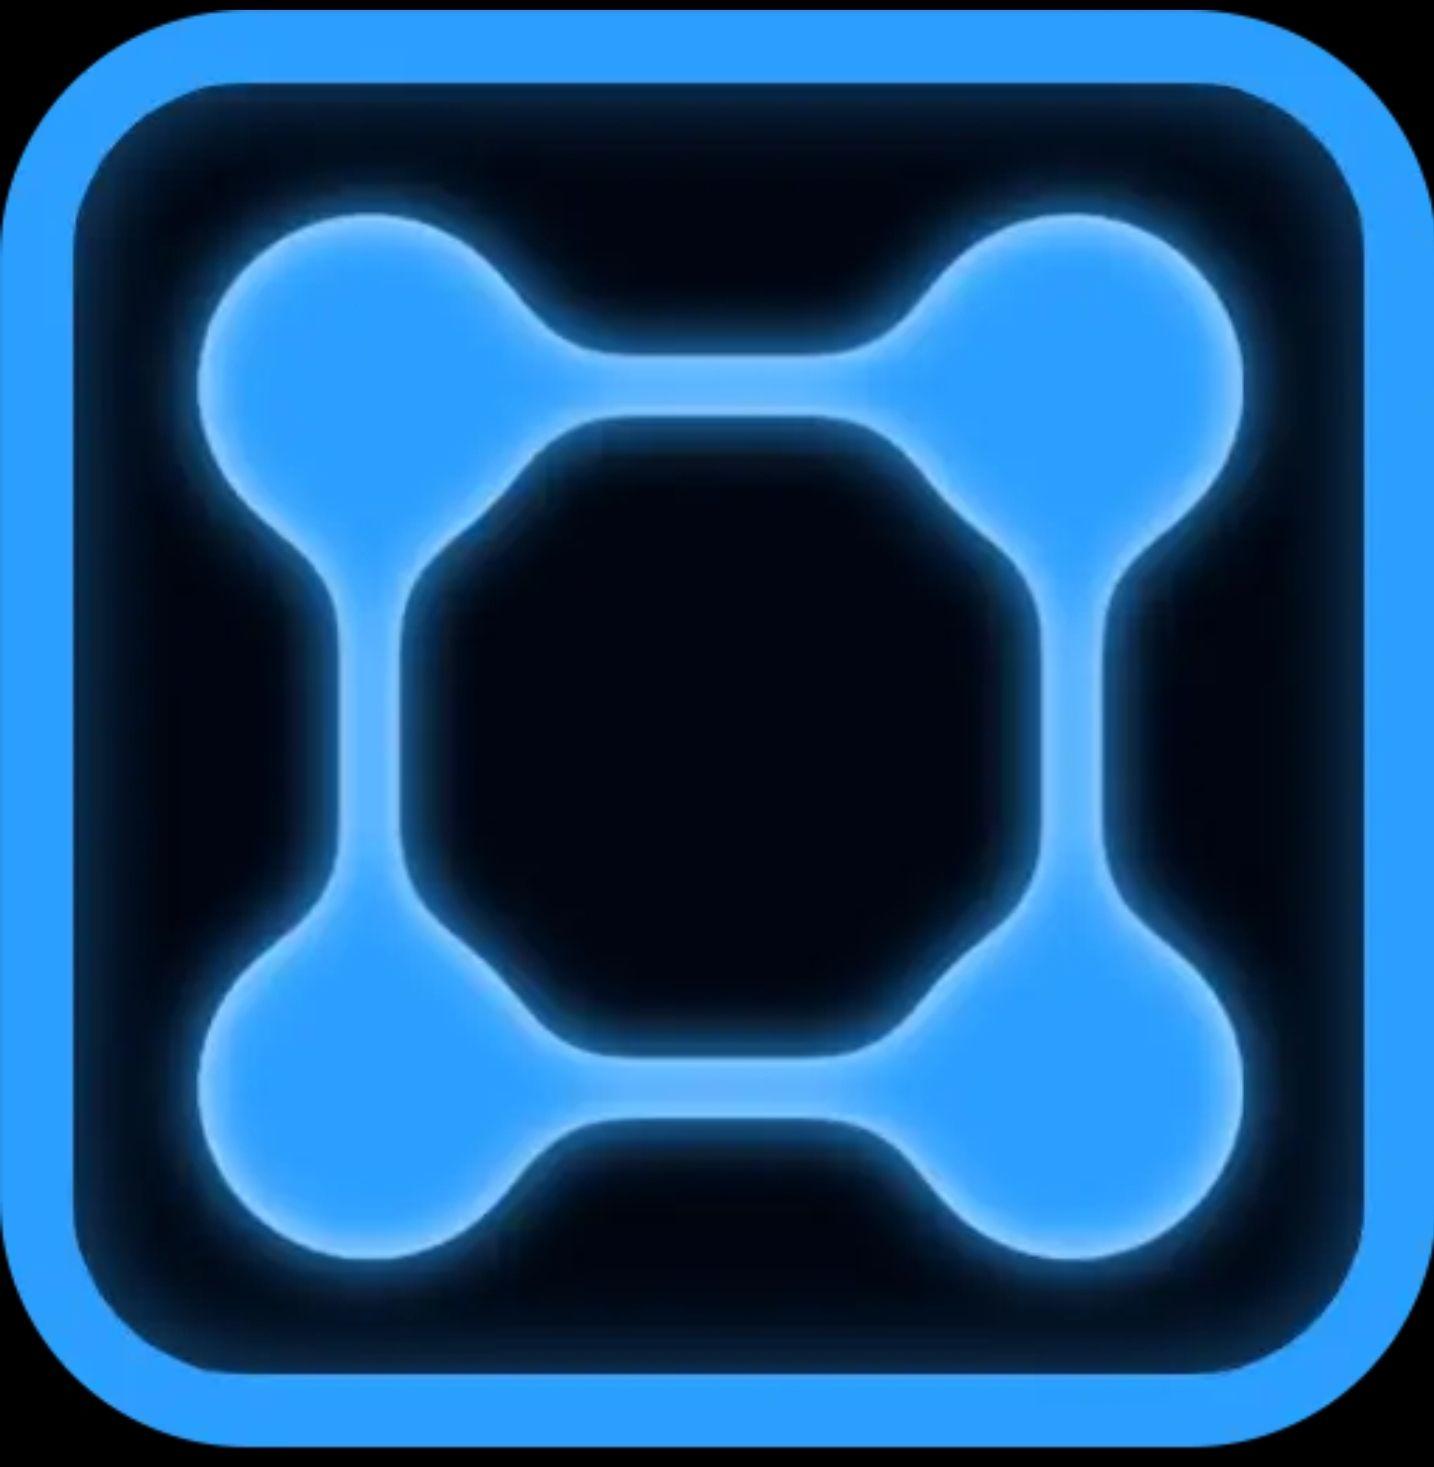 Jeu Quaddro 2 - Intelligent game gratuit sur Android